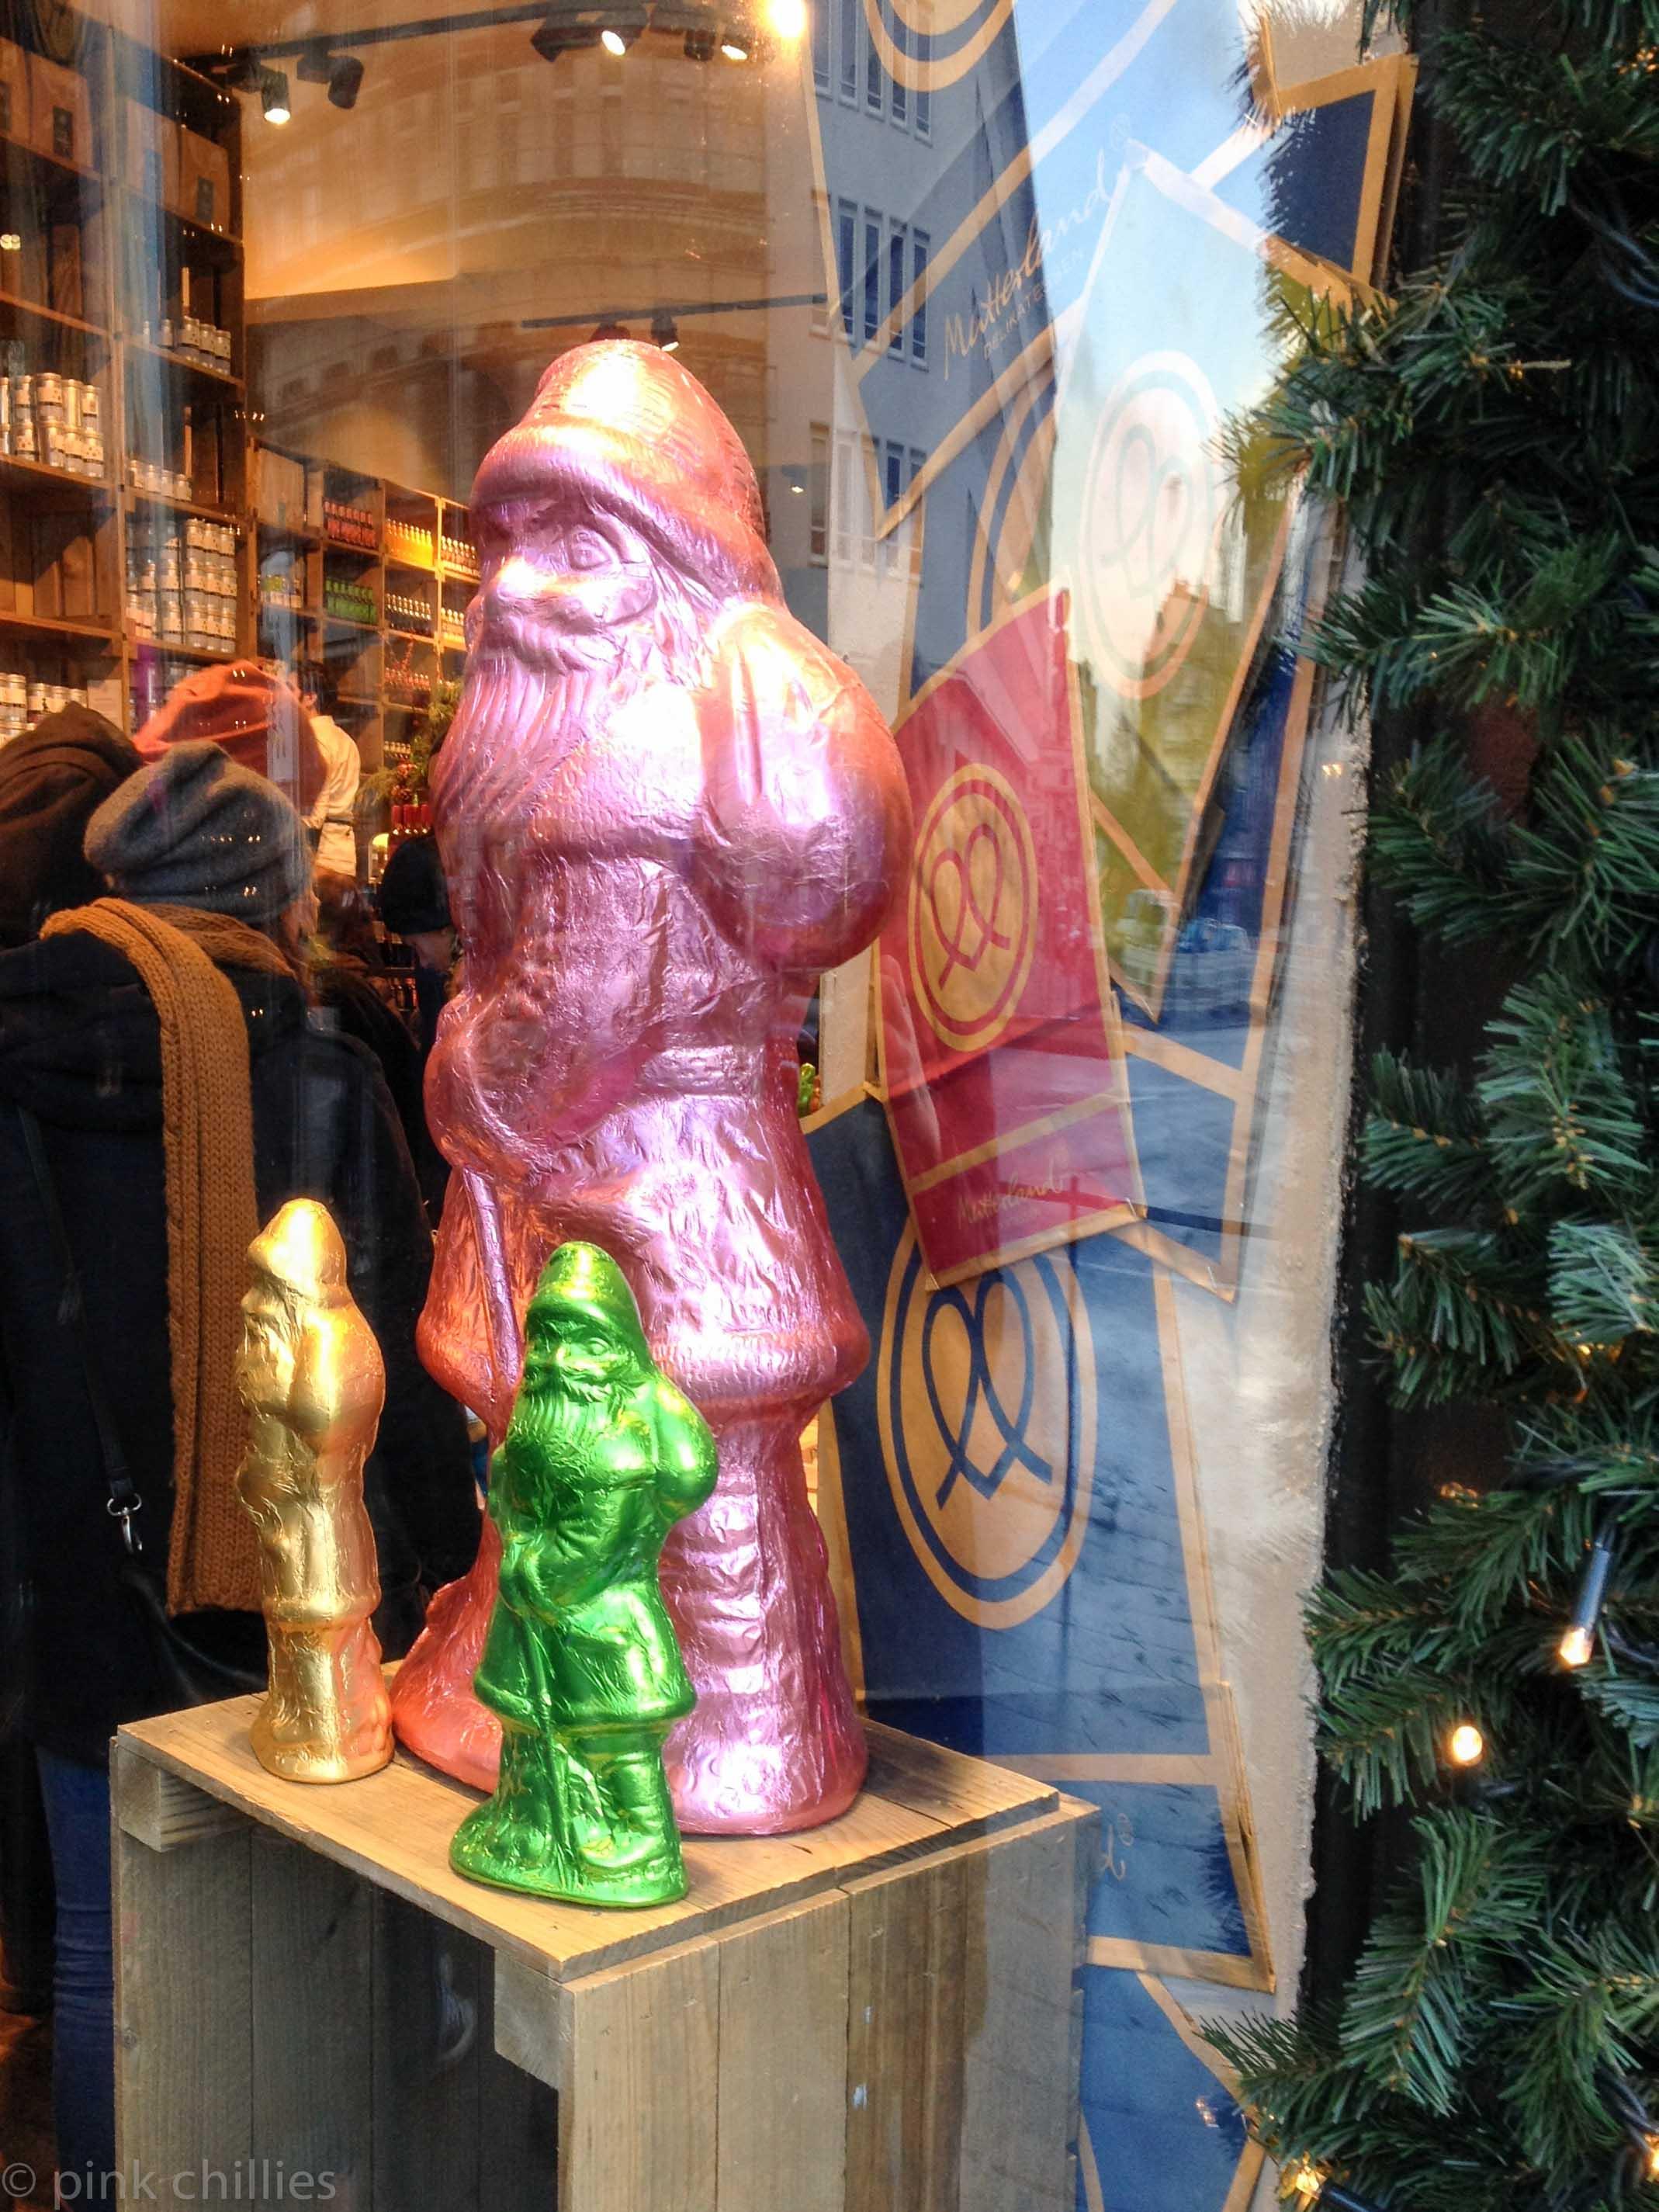 Schokoladenweihnachtsmänner